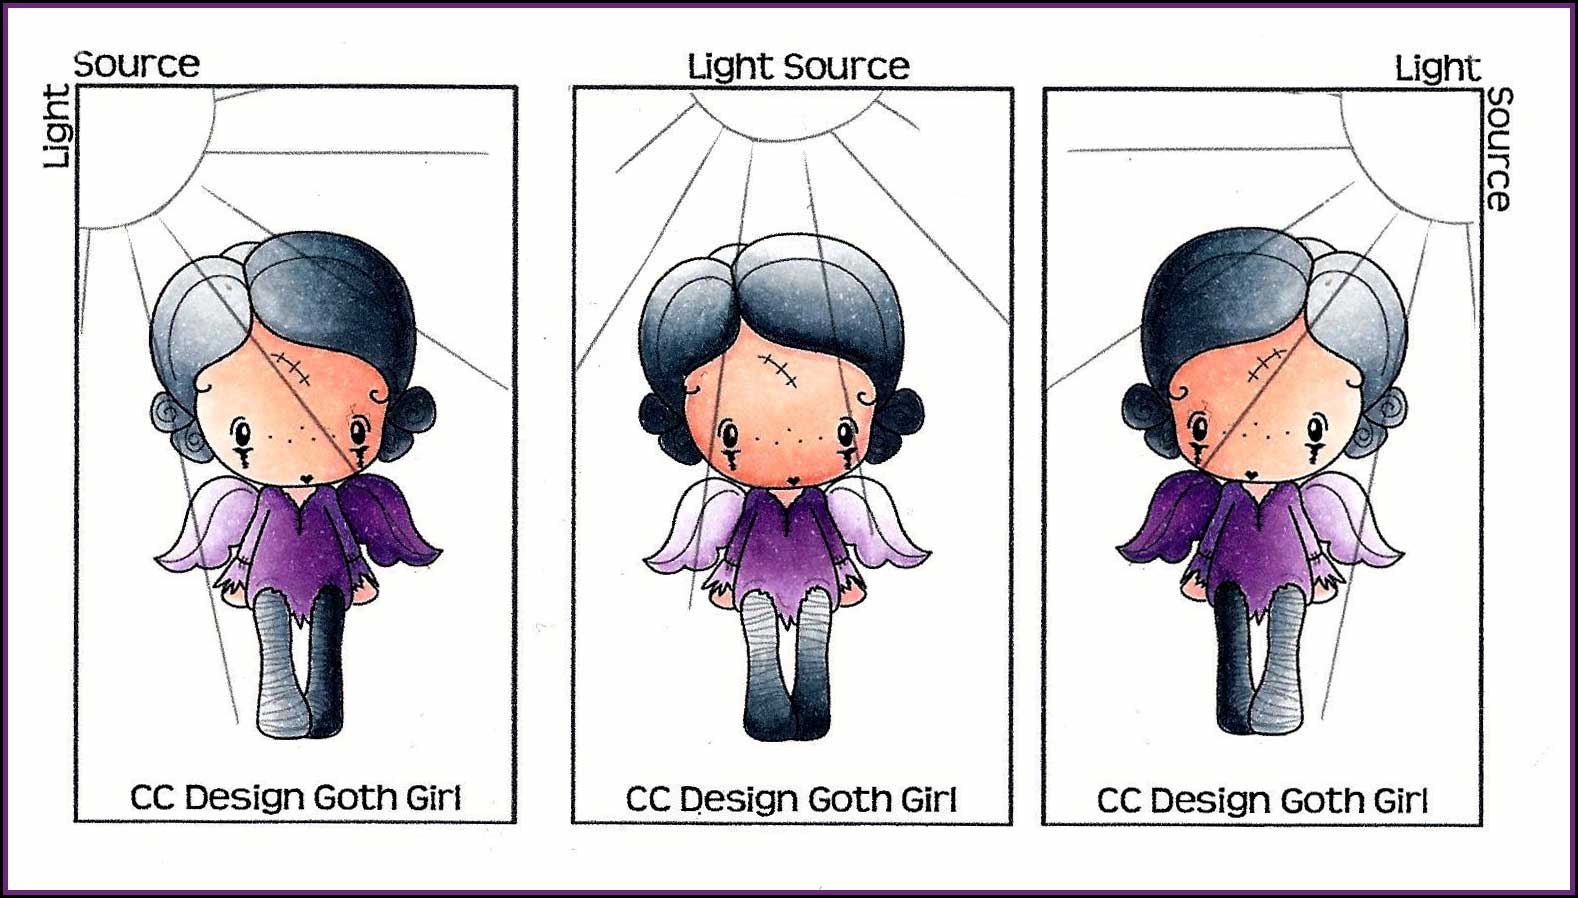 Copic Oz Understanding Light Source